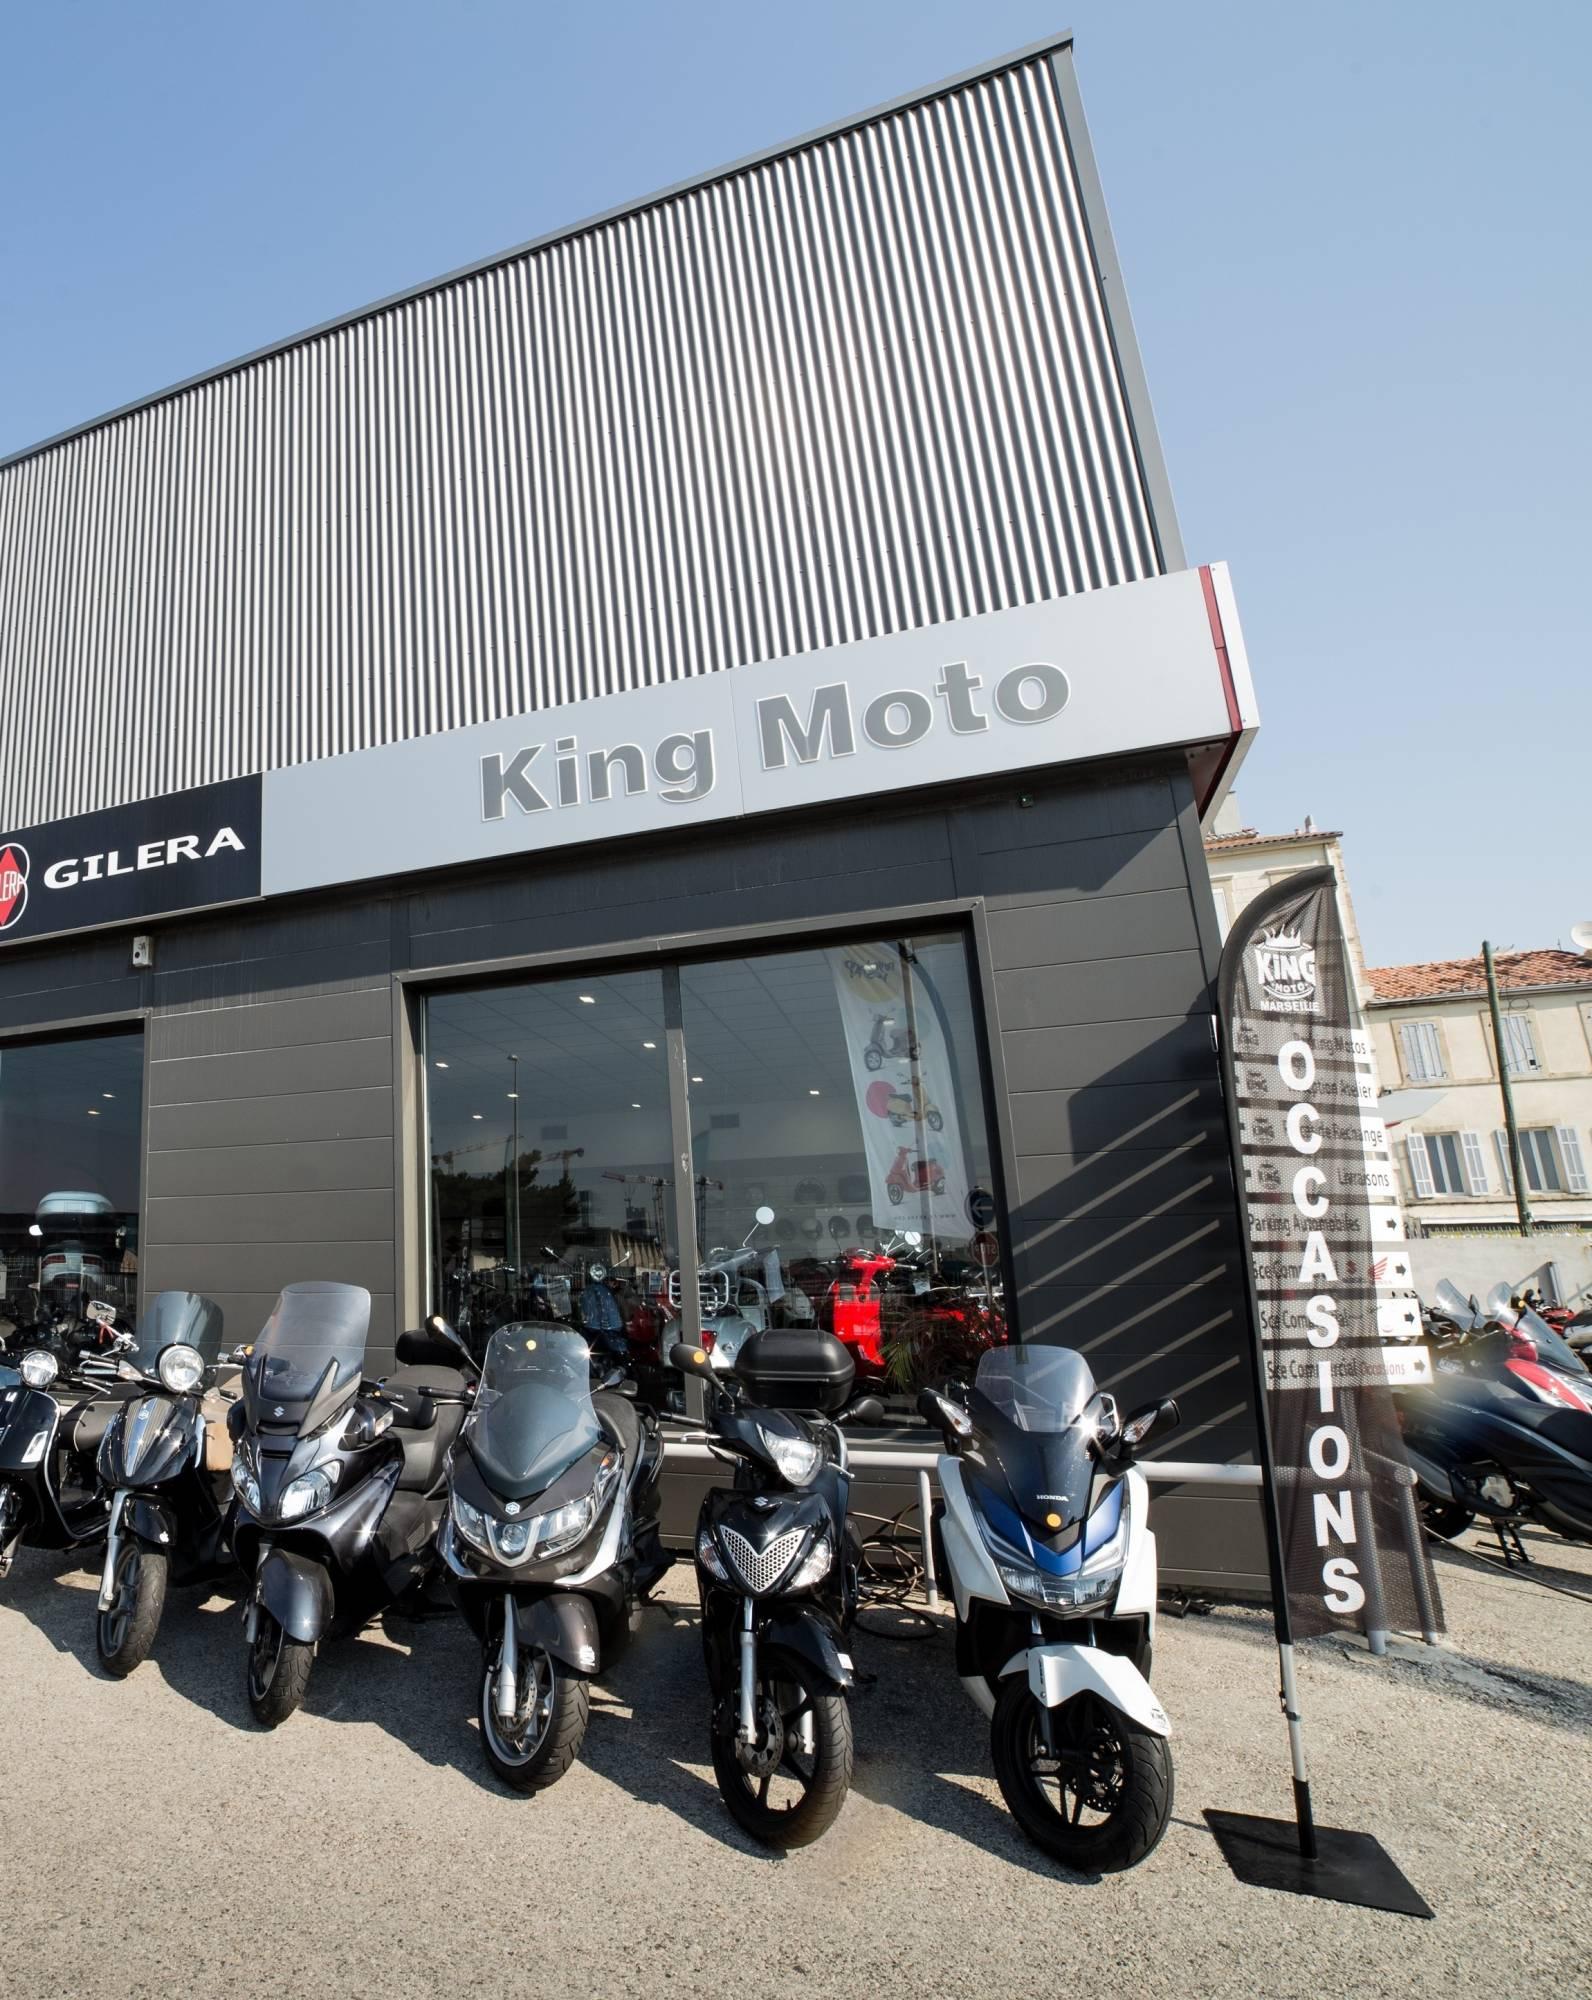 Sechoir Radiateur Gifi Nouveau Photos Vente Occasion Moto  Marseille Motos D Occasion Récentes King